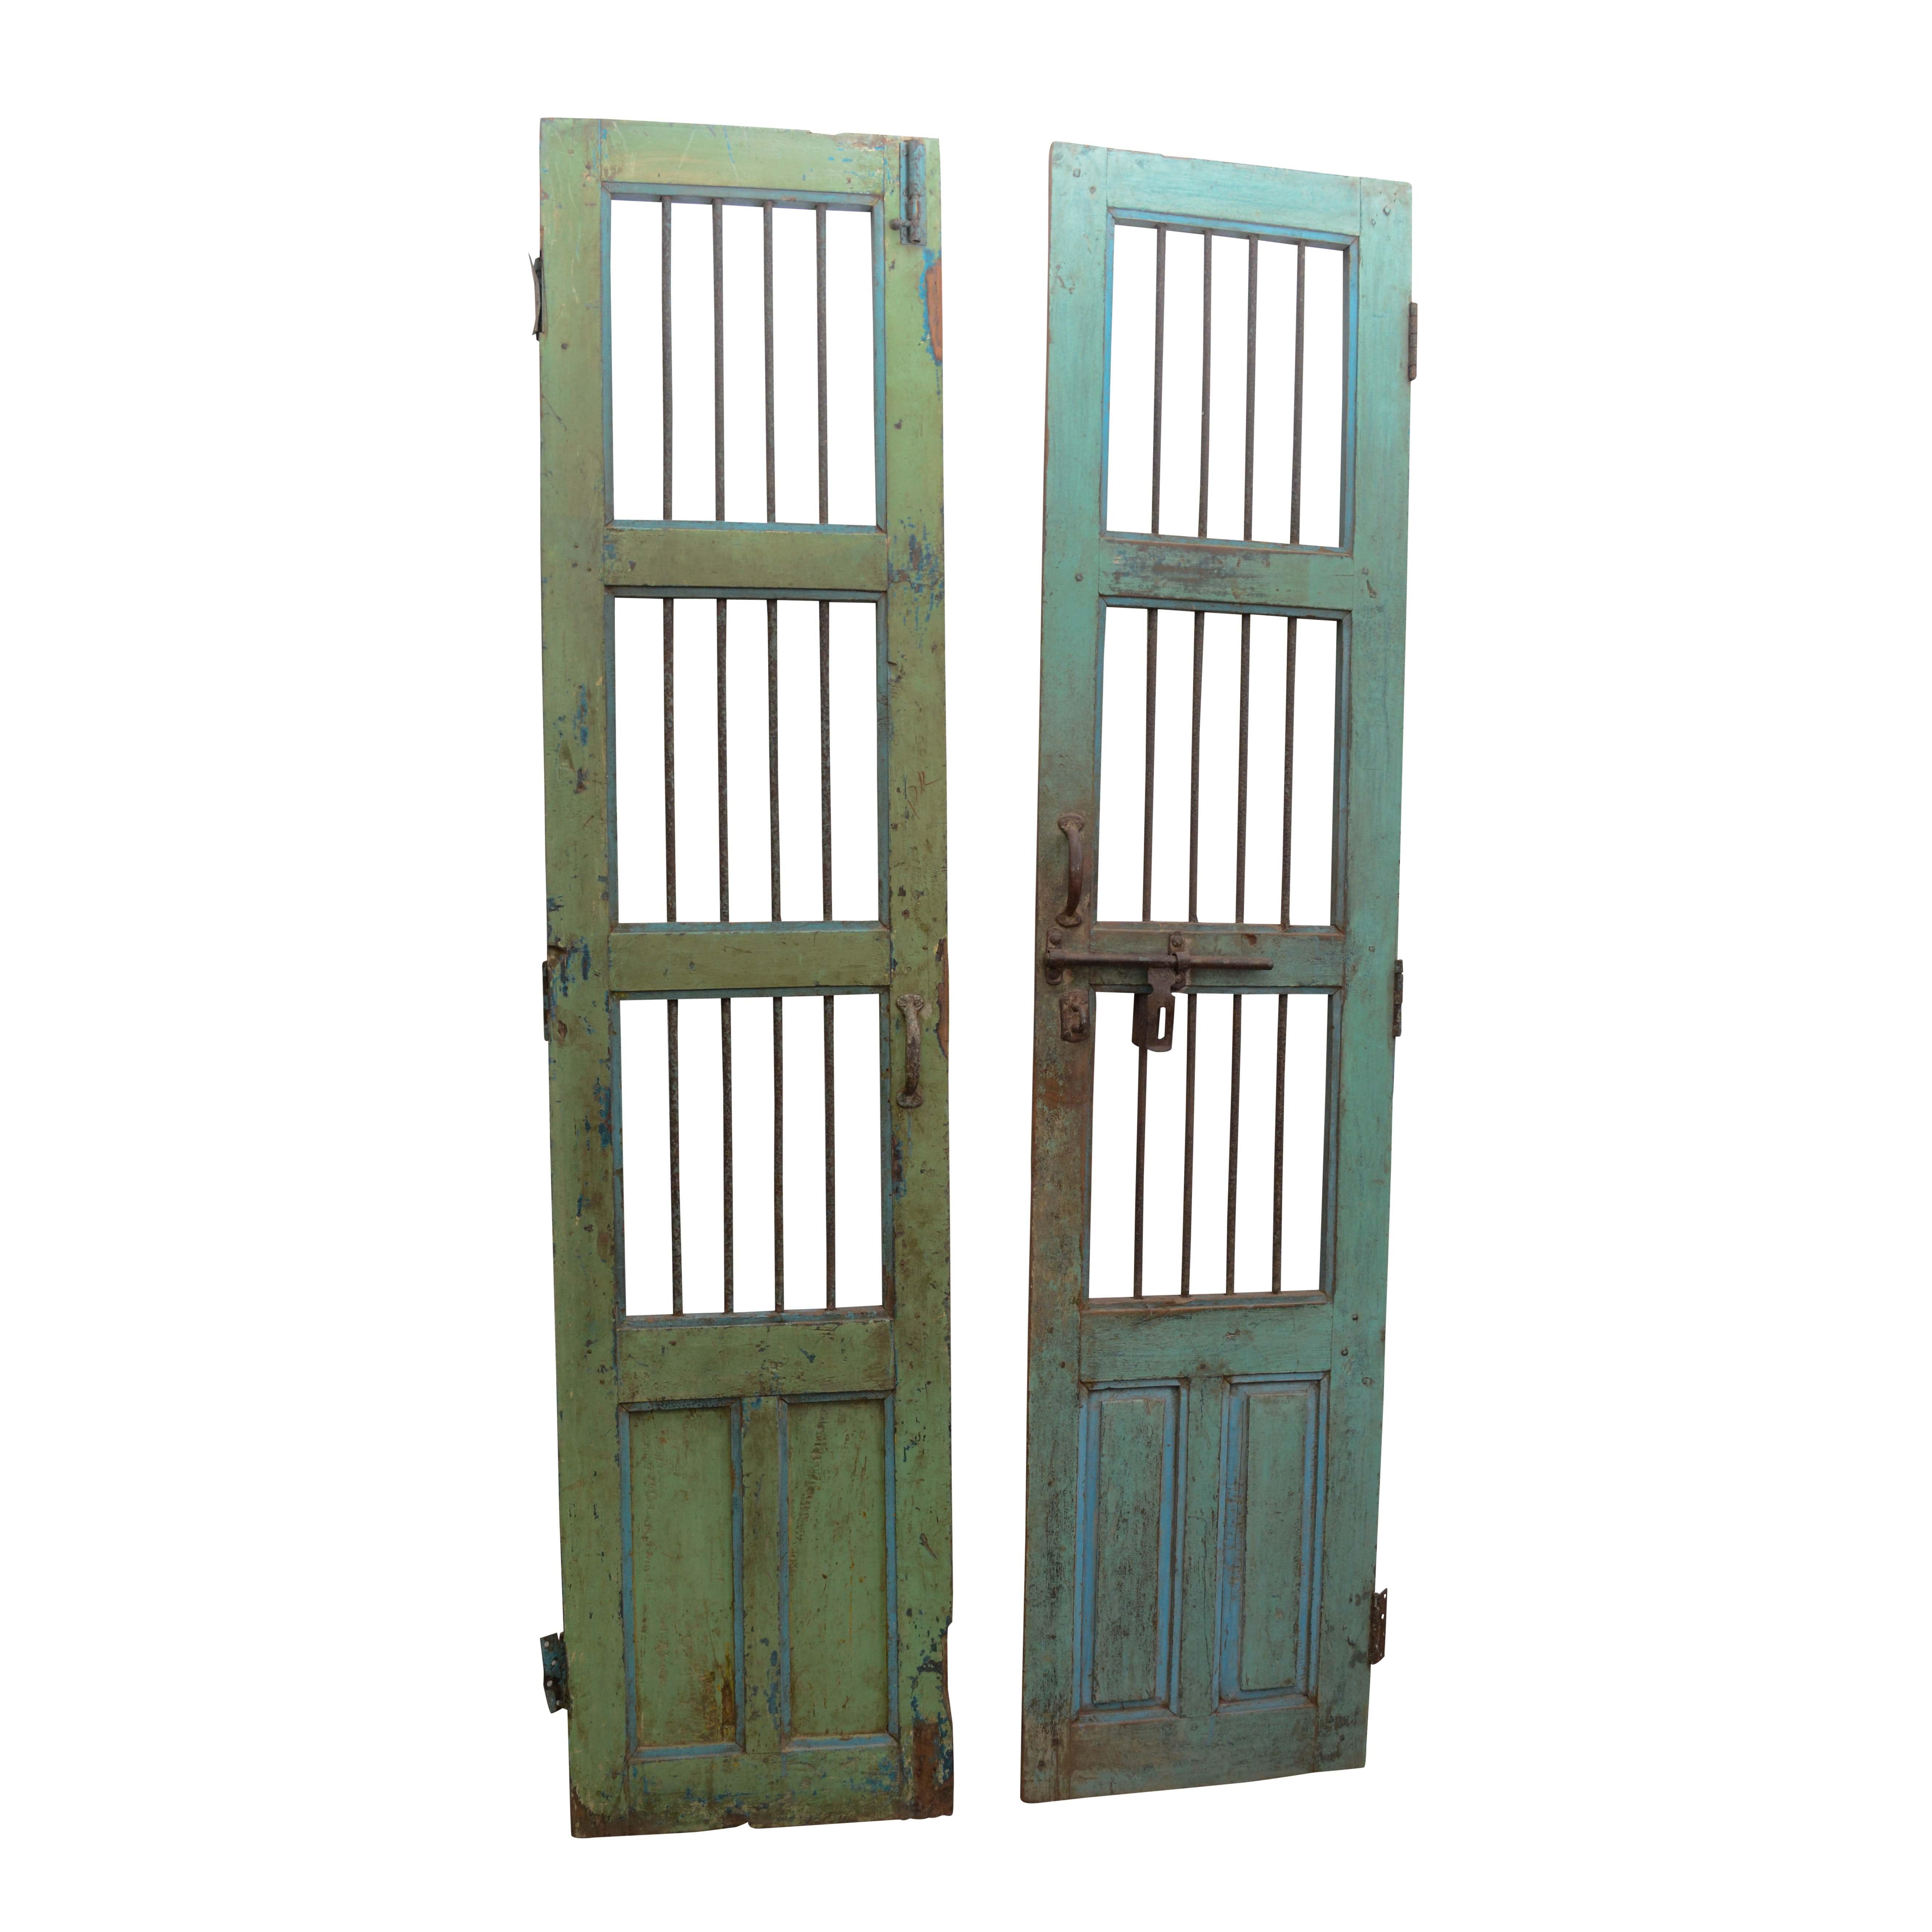 Vintage Painted Wood and Metal Doors